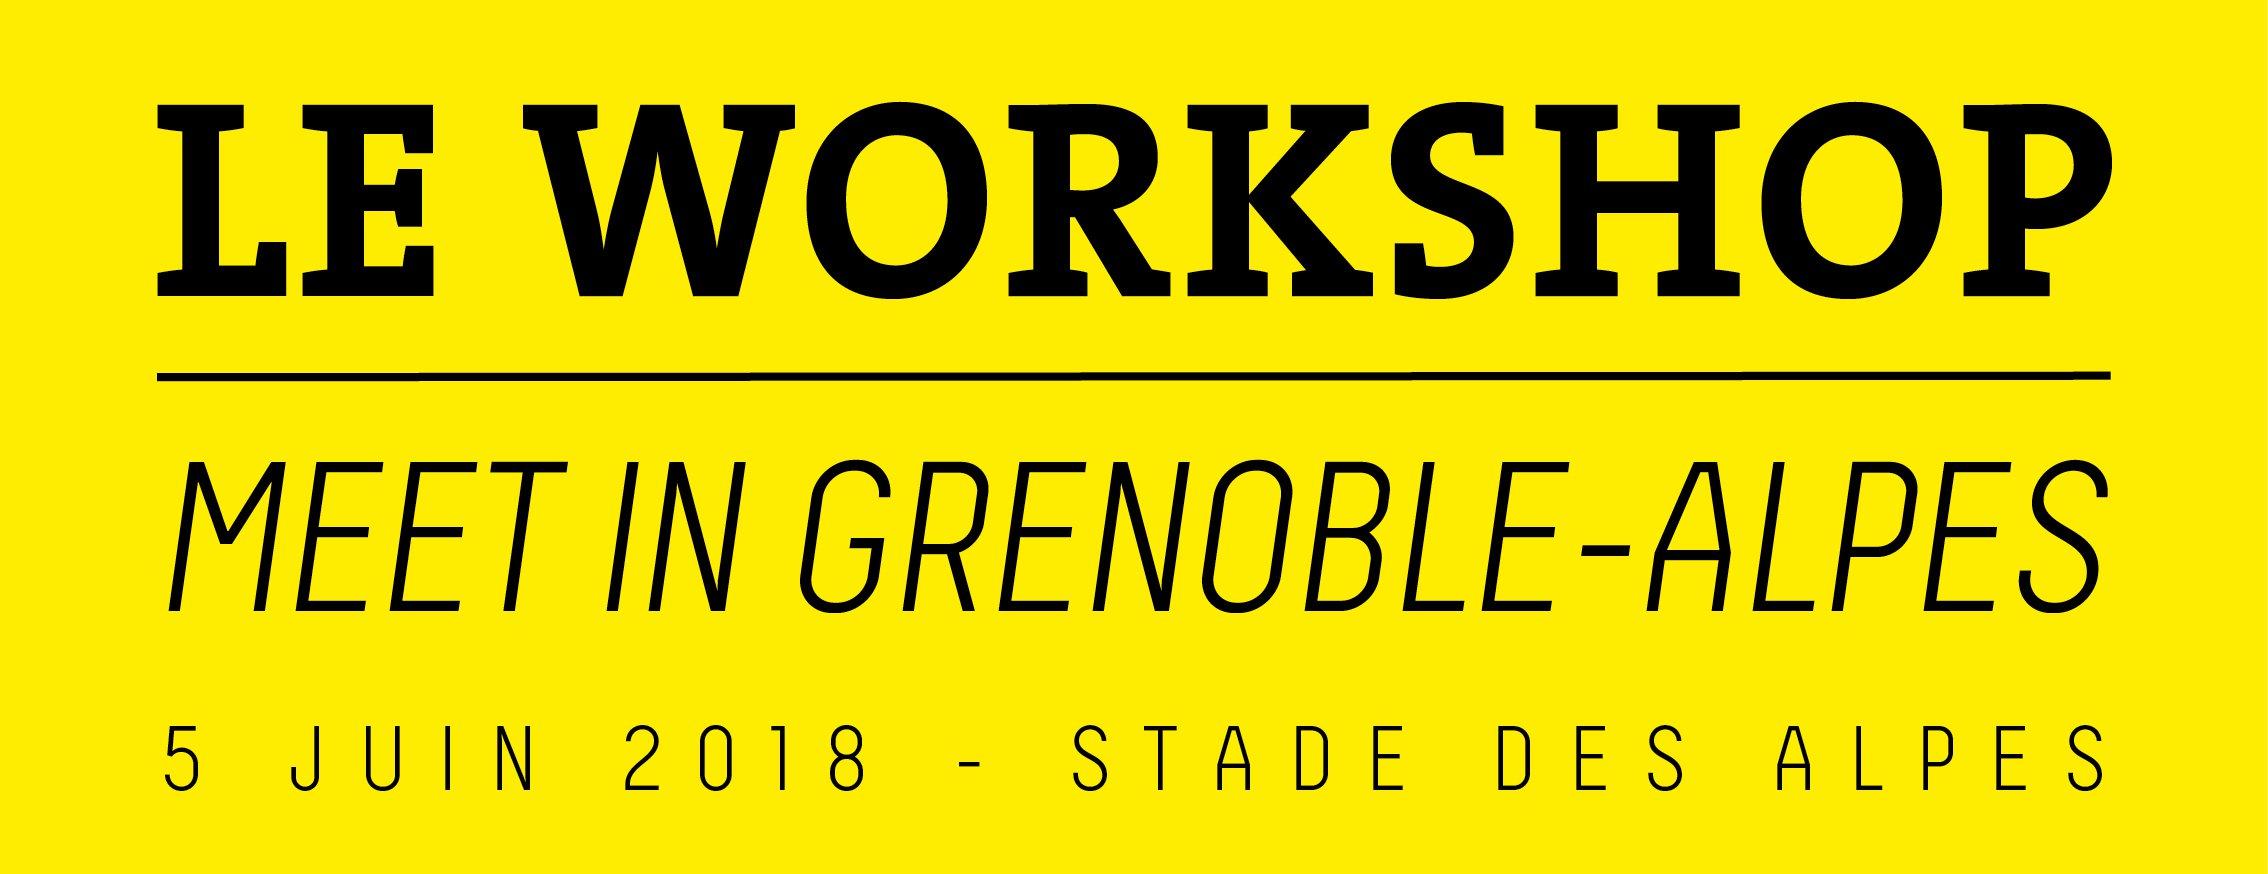 Grenoble_workshop_stade des alpes_juin_2018